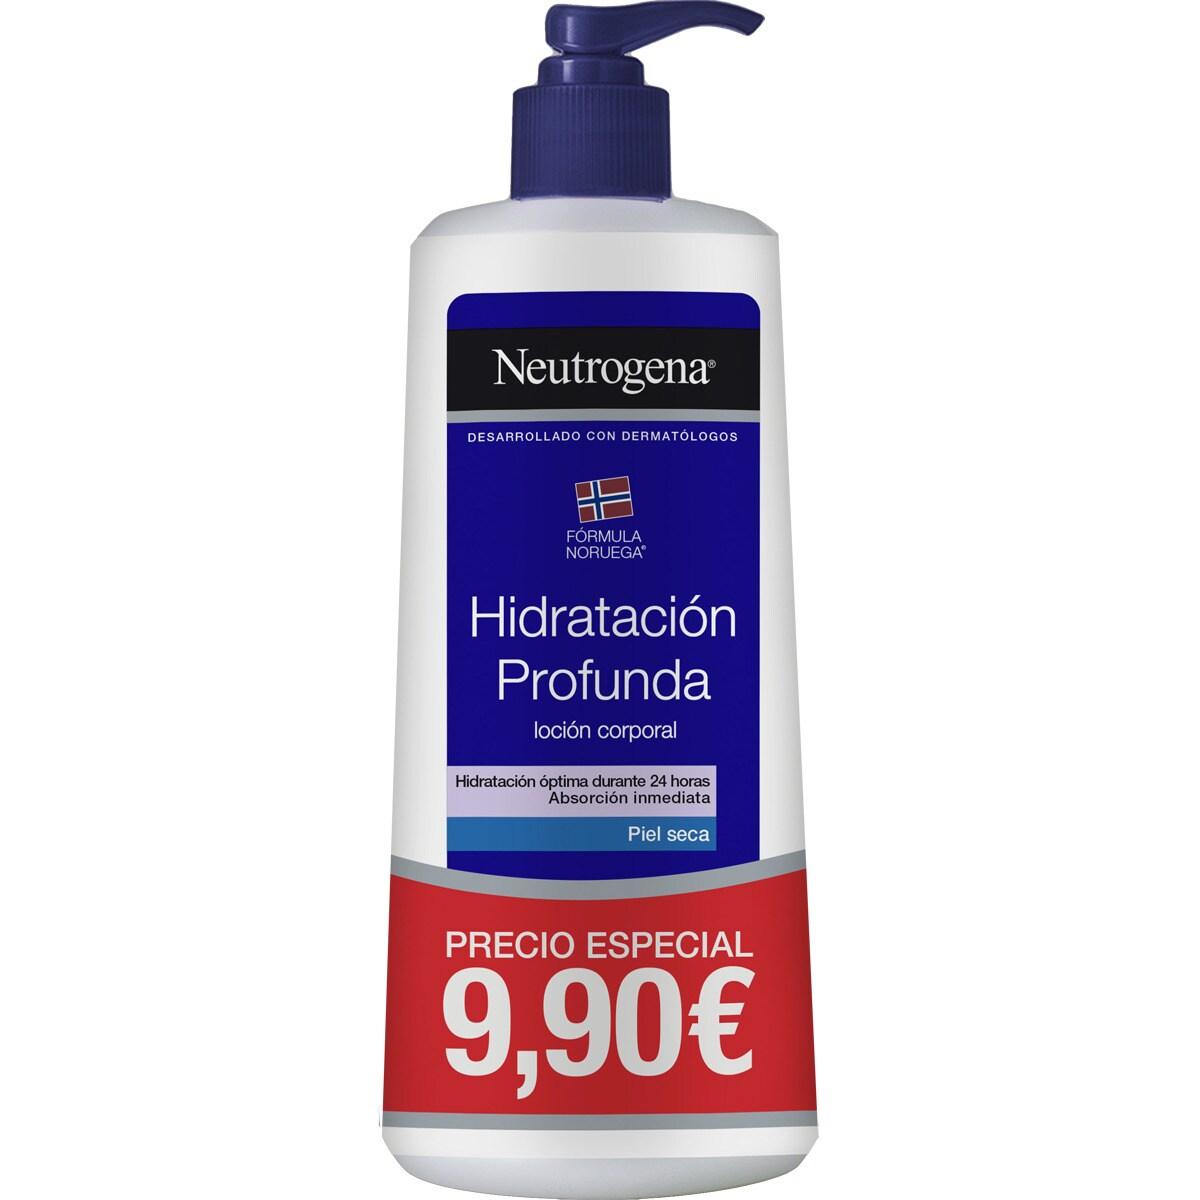 NEUTROGENA Hidratación Profunda loción corporal para piel seca dosificador 400 ml